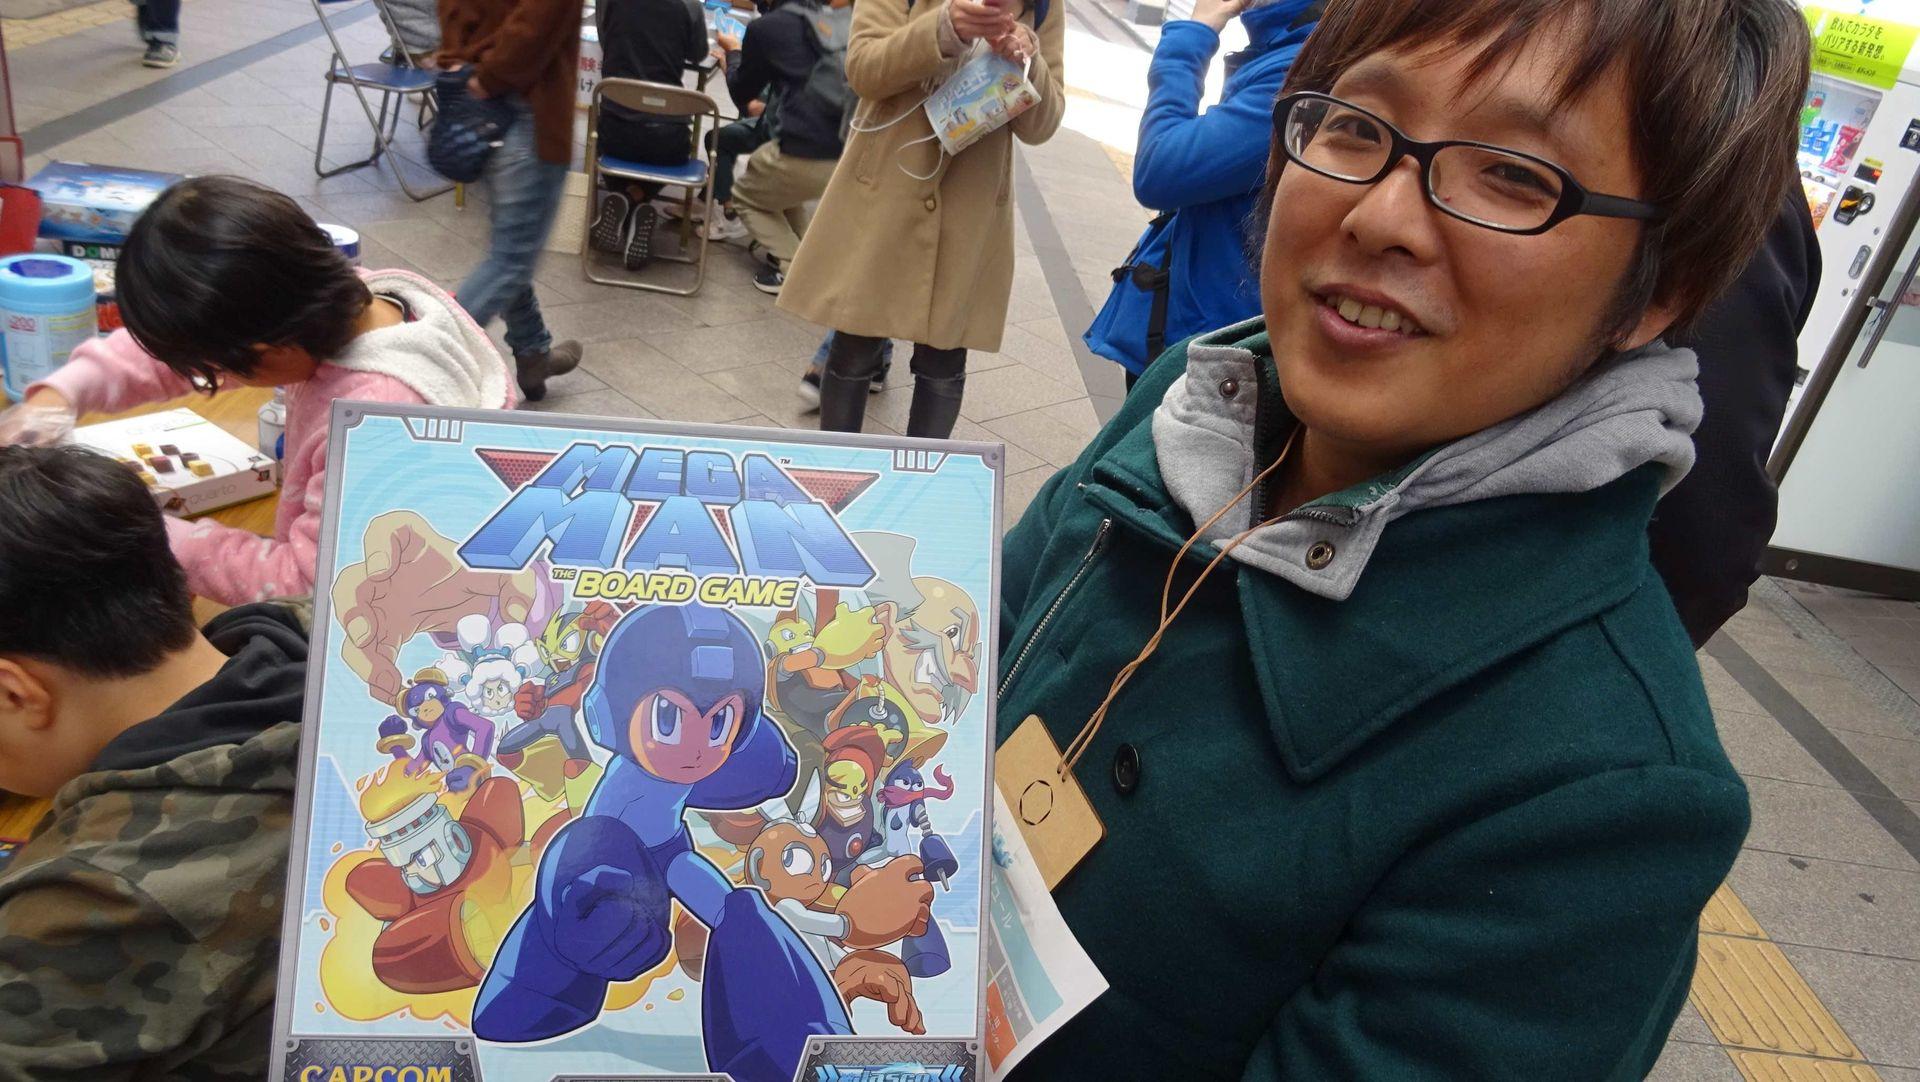 息子が次のお題に挑戦中に、ボードゲームについて色々教えてくれたスタッフで「宮崎ボドゲやろうよ実行委員会」の「せうゆ」さん。イベントに使用するゲームの選定基準などの運営についても色々教えて頂き、日本では発売されていない「MEGA MAN(ロックマン)」のボードゲームも見せて頂いた